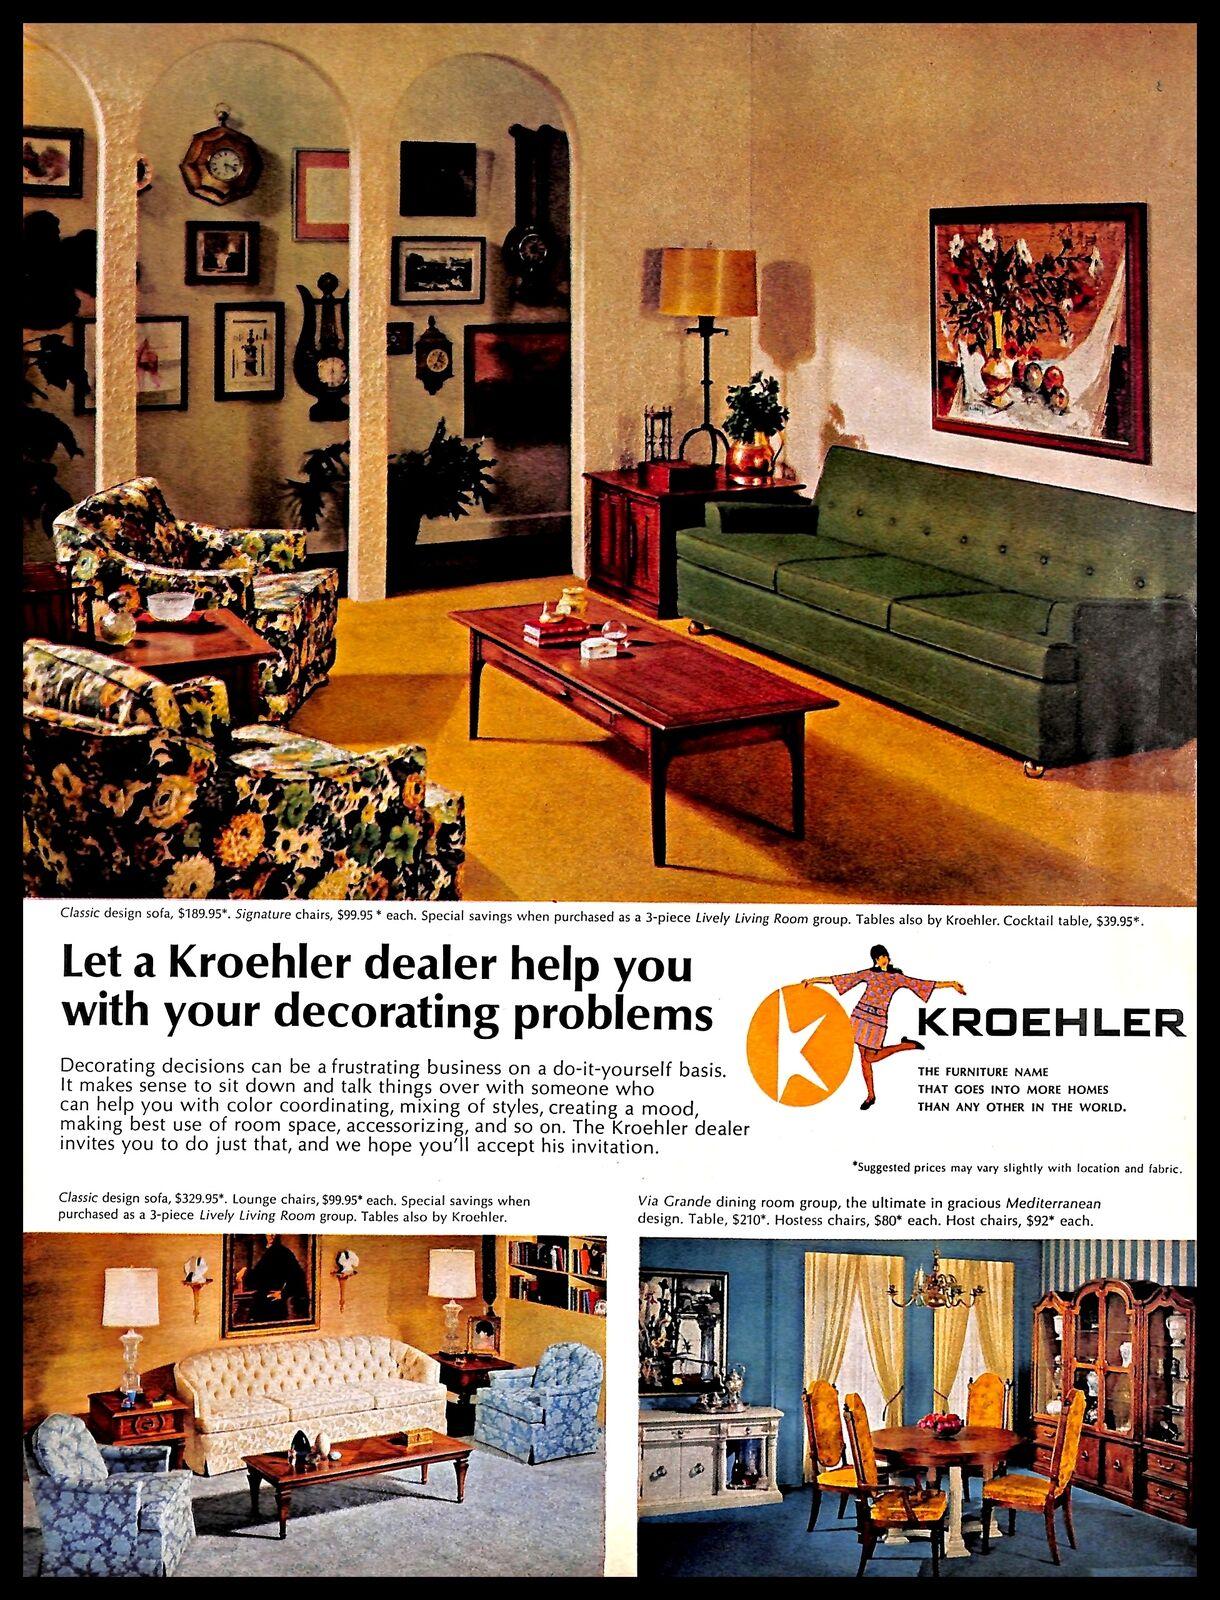 1967 Kroehler Furniture Vintage PRINT AD Room Interior Decorating Home  Decor | eBay